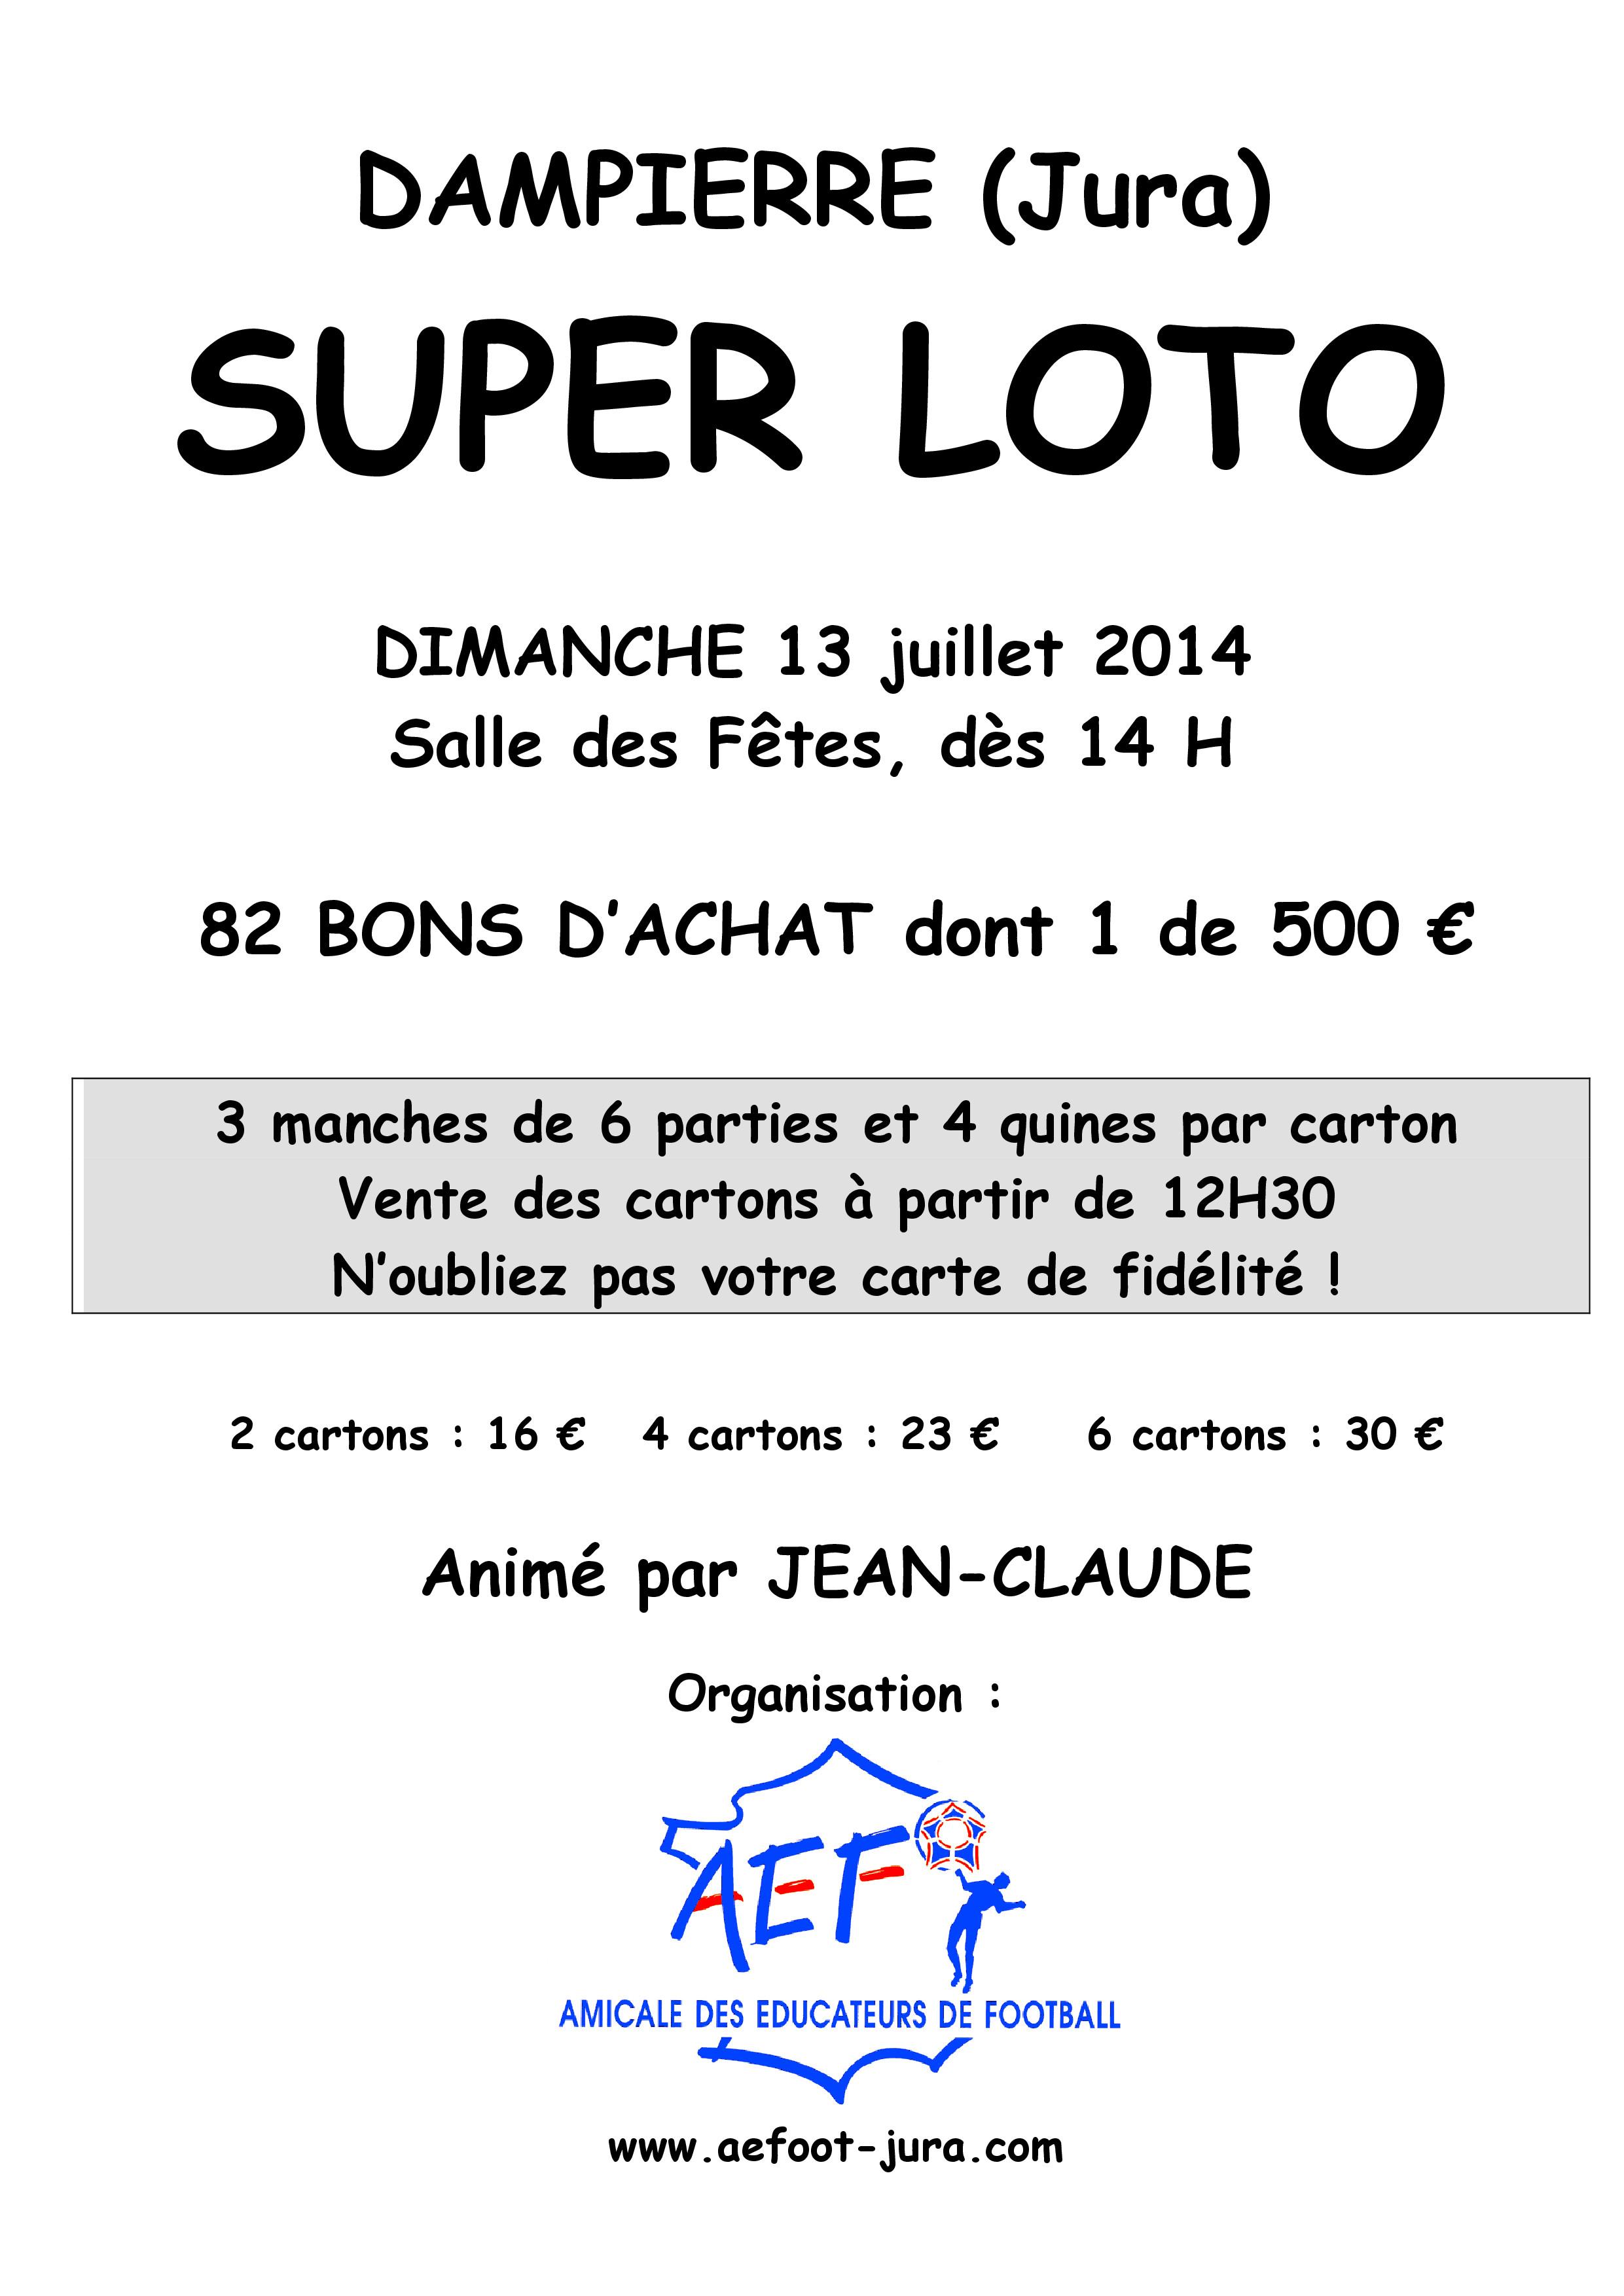 Super Loto le 13 juillet 2014 à Dampierre